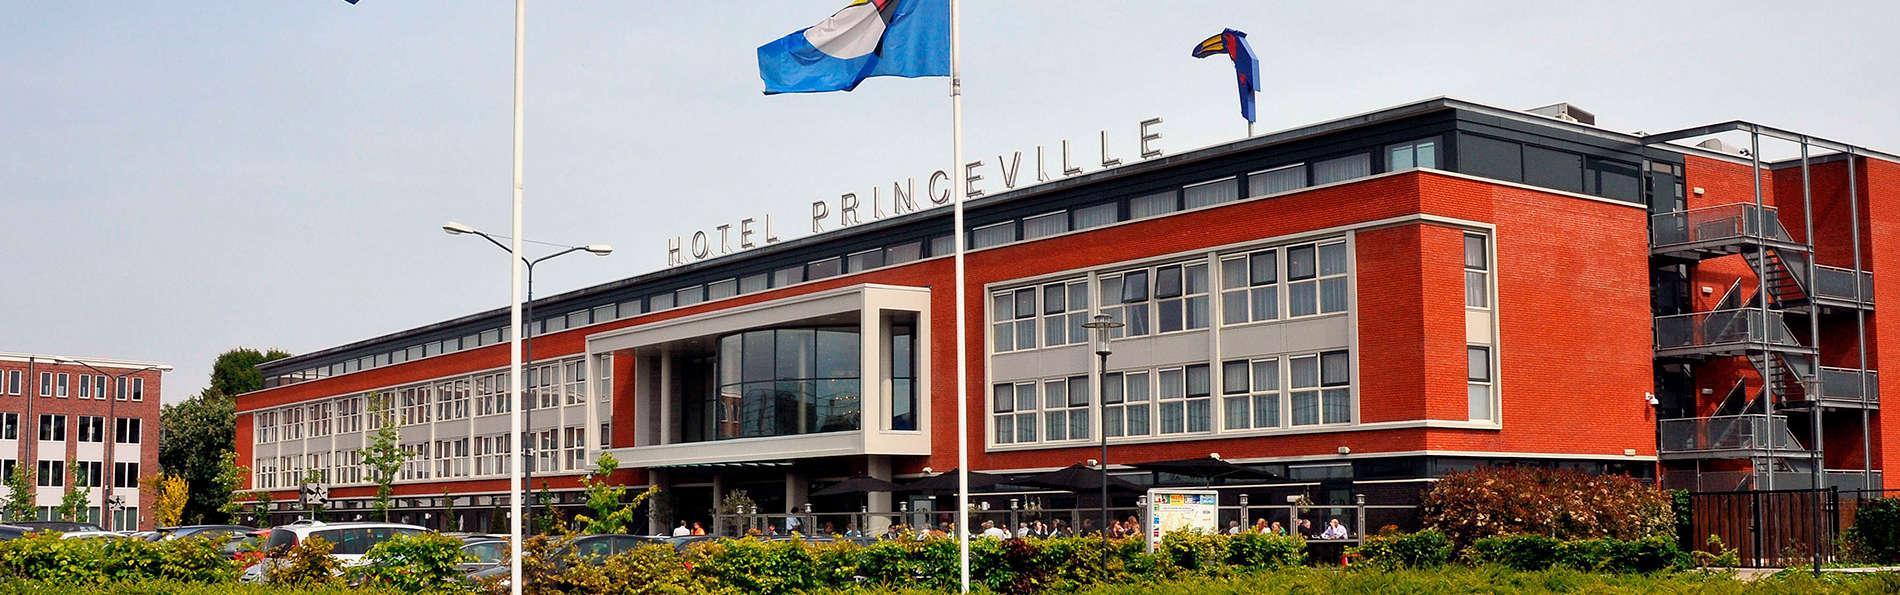 Van der Valk Hotel Princeville - edit_front.jpg